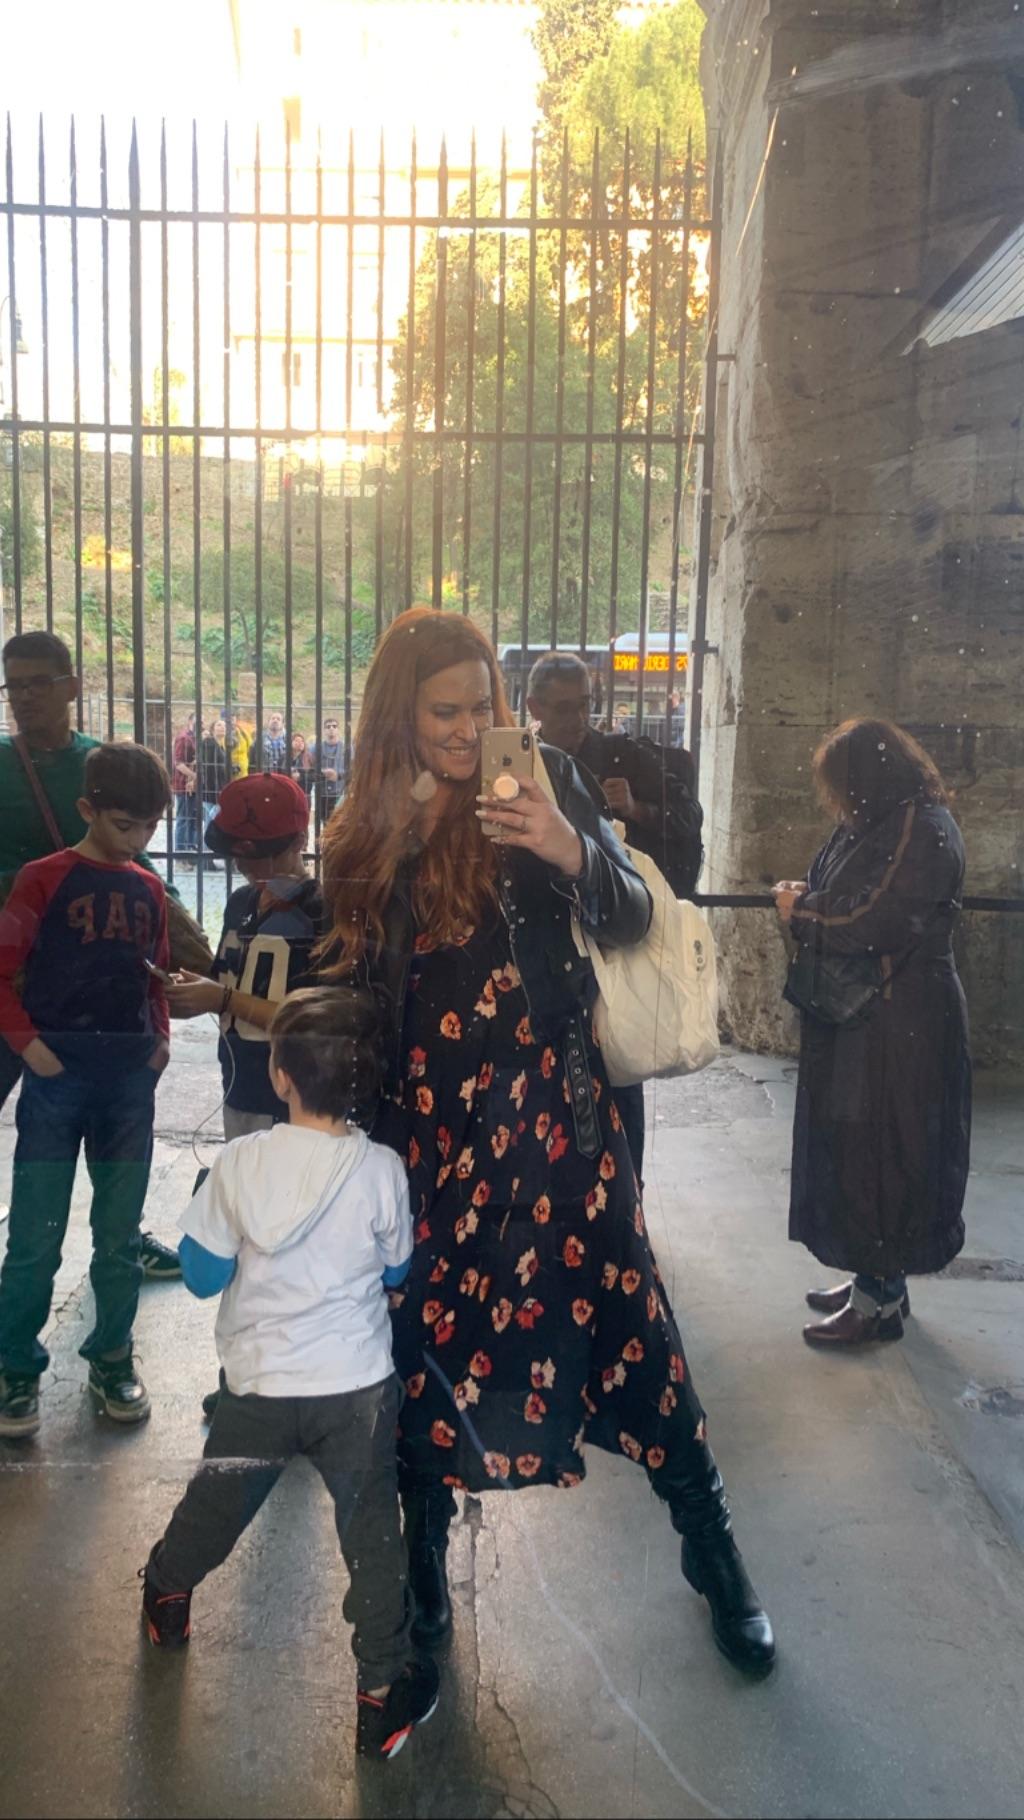 Σίσσυ Χρηστίδου | Δες πού ταξίδεψε με τα παιδιά όσο ο Θοδωρής Μαραντίνης λείπει στο Λονδίνο - εικόνα 3